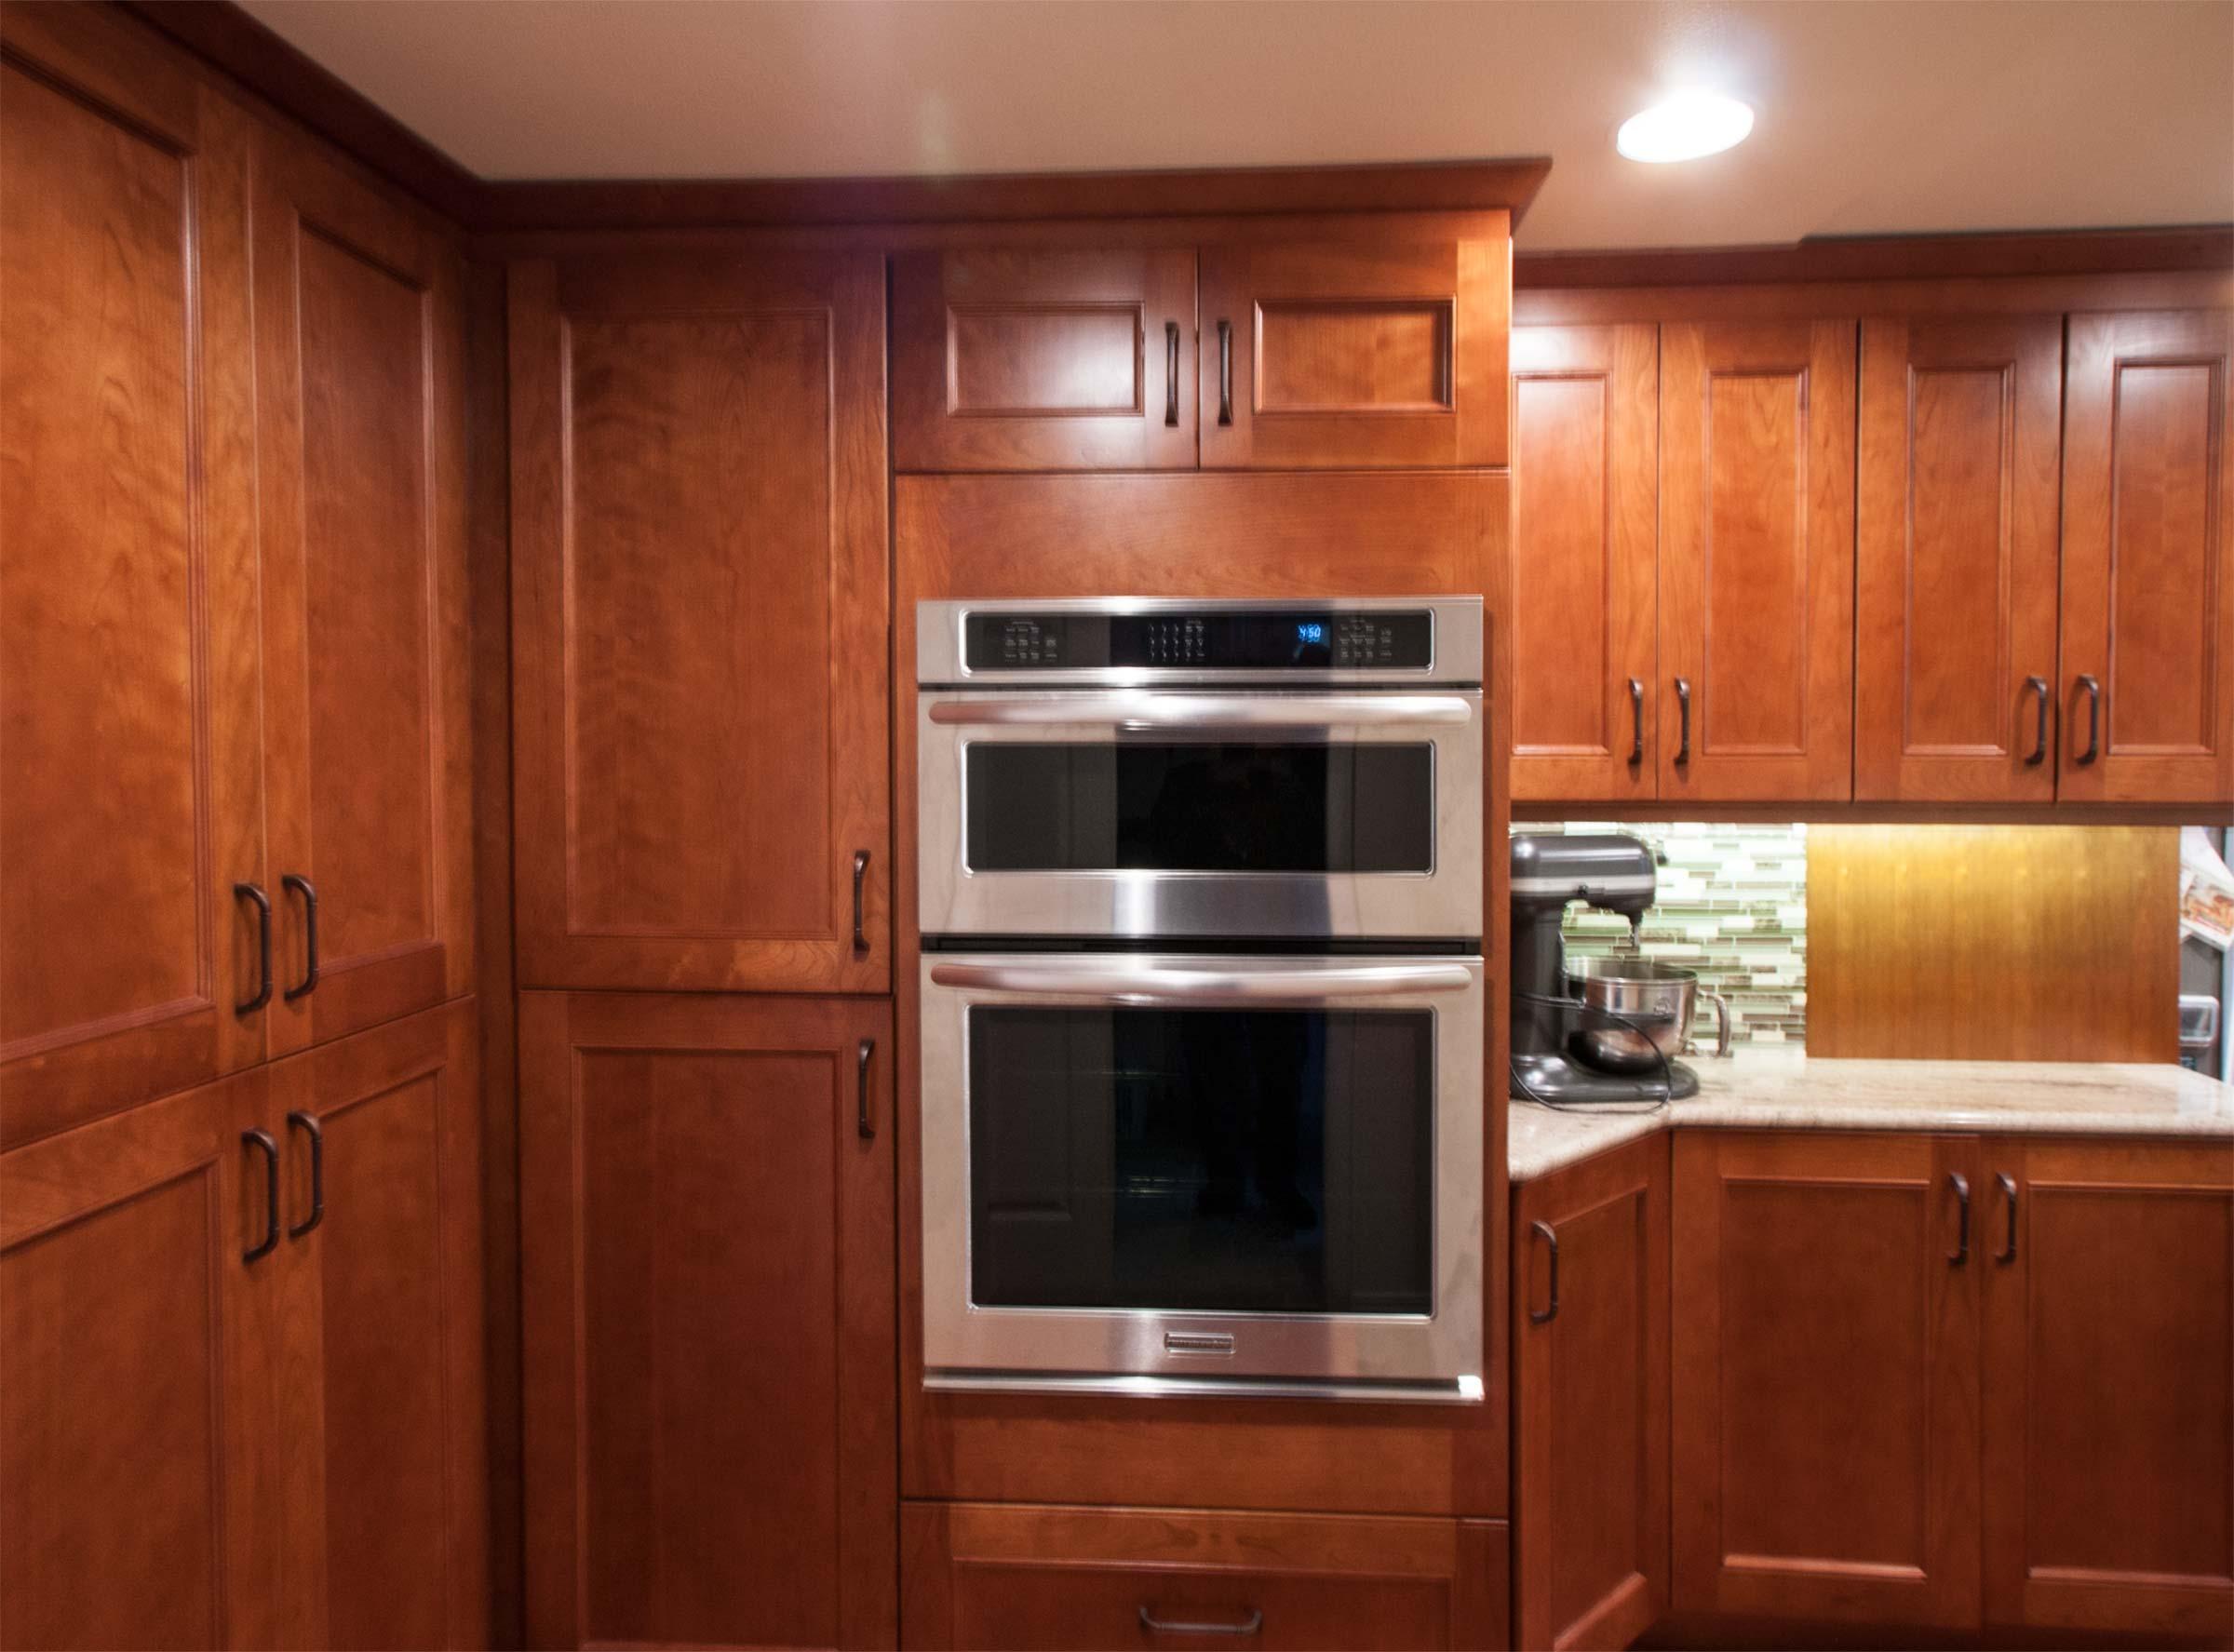 craftsman_style_kitchen_cabinets_weinandt_kitchen_cabinets___olympia_wa___cabinets_by_trivonna.jpg